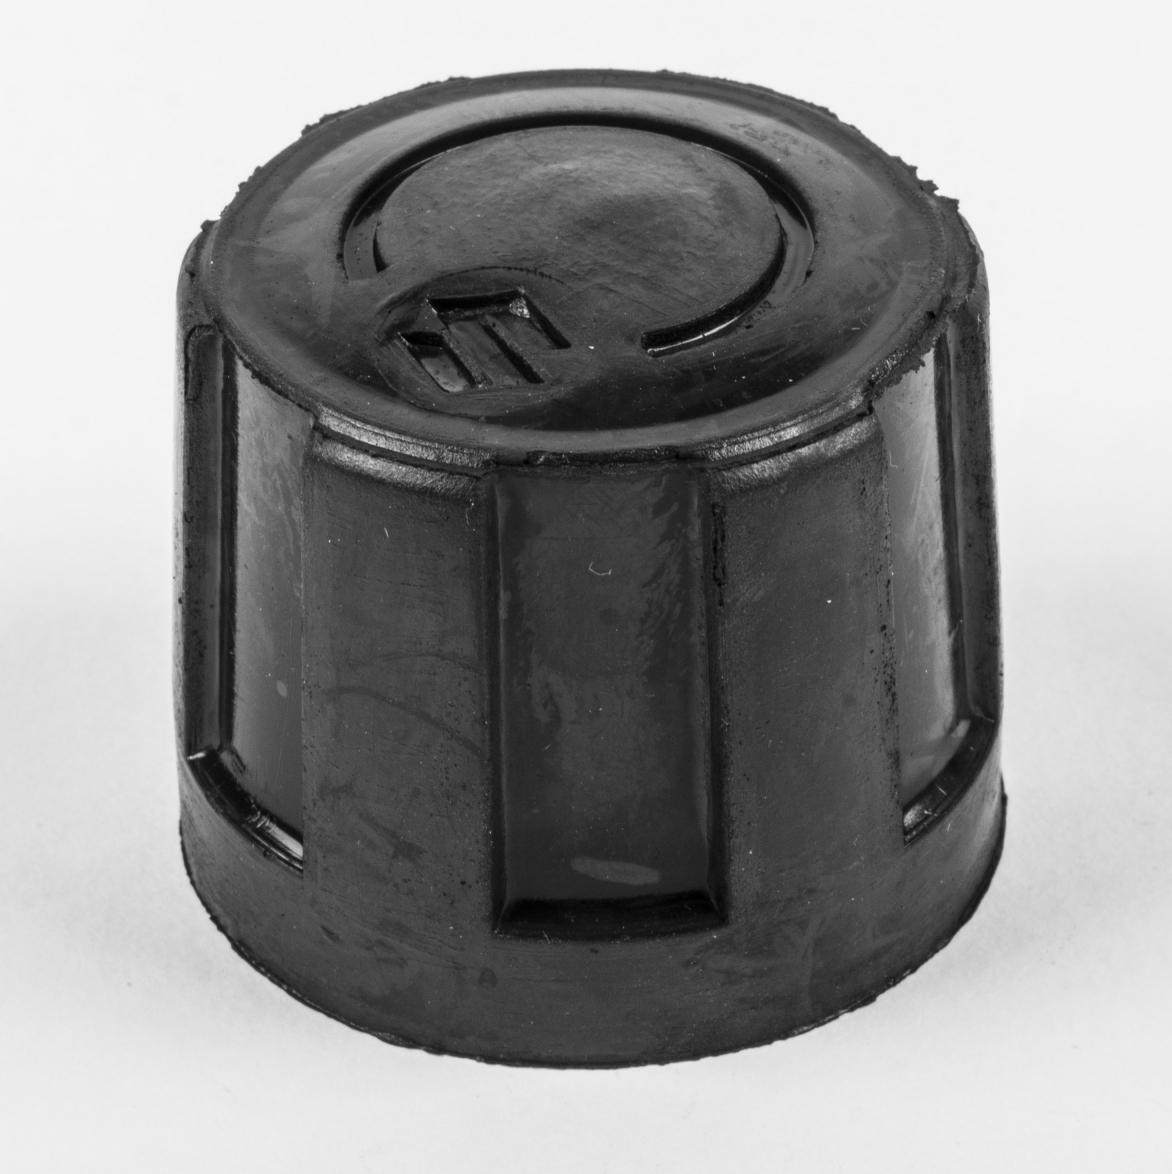 details about genuine suzuki lt50 mini atv quad front wheel wheel centre  cap 54725-04200-000